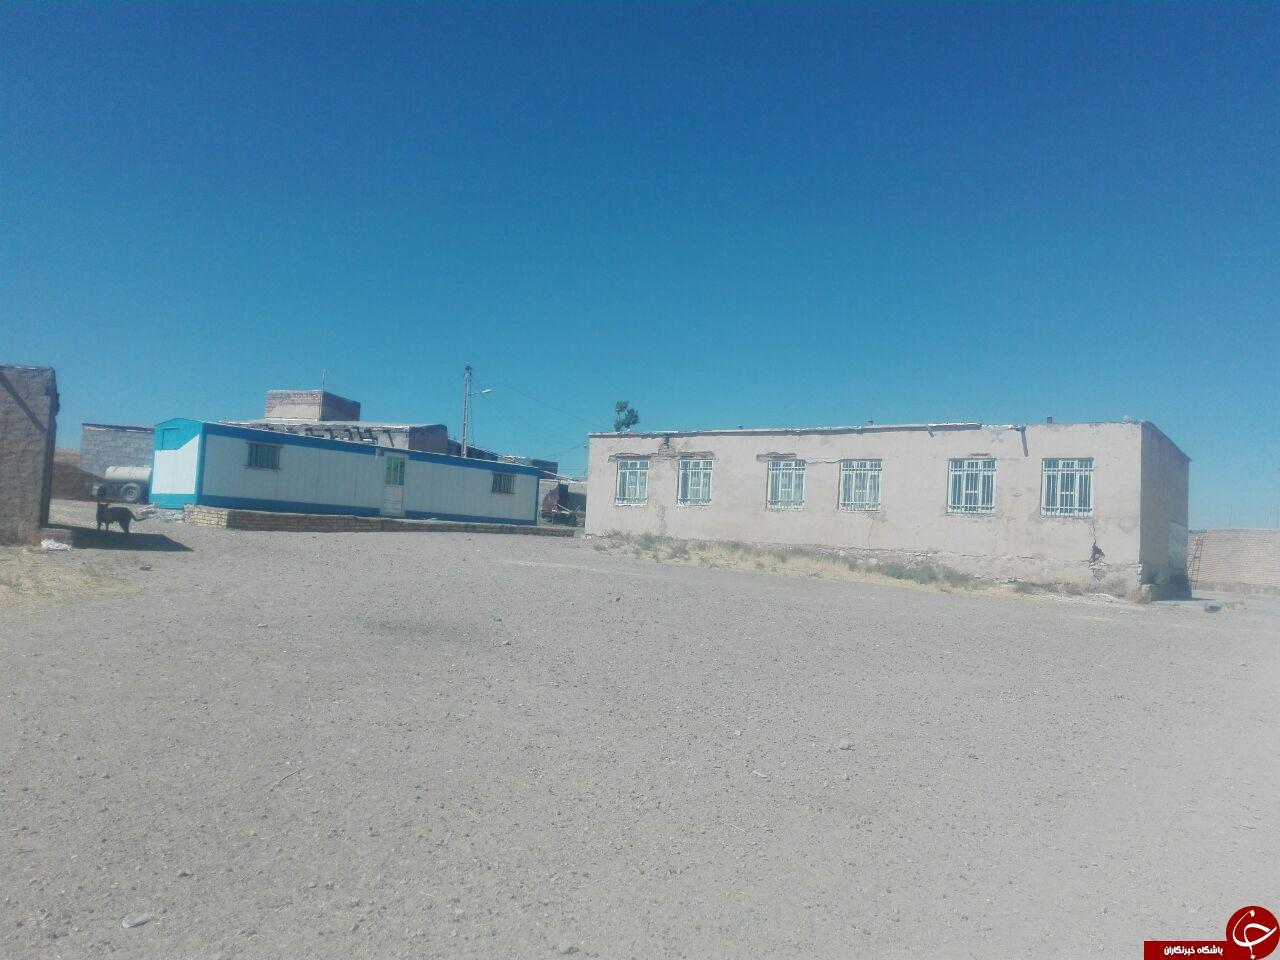 مشکلات دانشآموزان در روستای «آرزند» + تصاویر